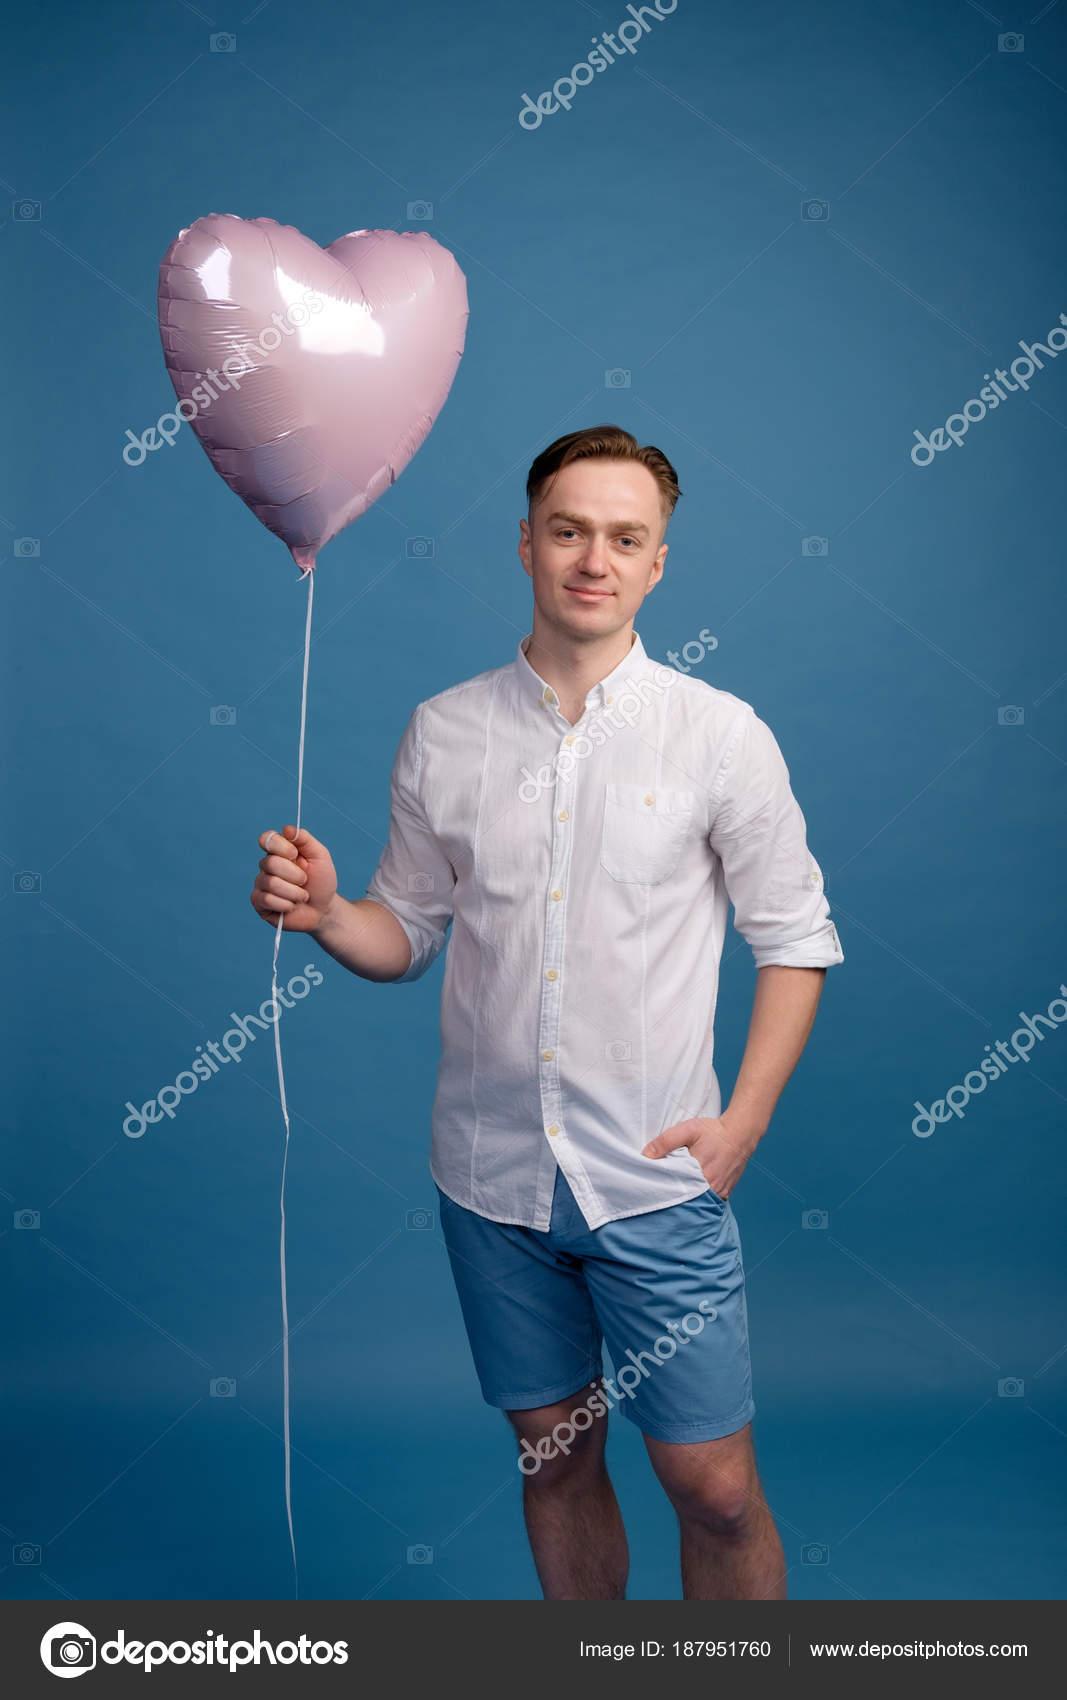 a2e2a0926 Hermoso caucásico hombre en camisa blanca sonriendo y sosteniendo en globo  manera saludos de la forma de corazón de color rosa, azul fondo — Foto de  ...